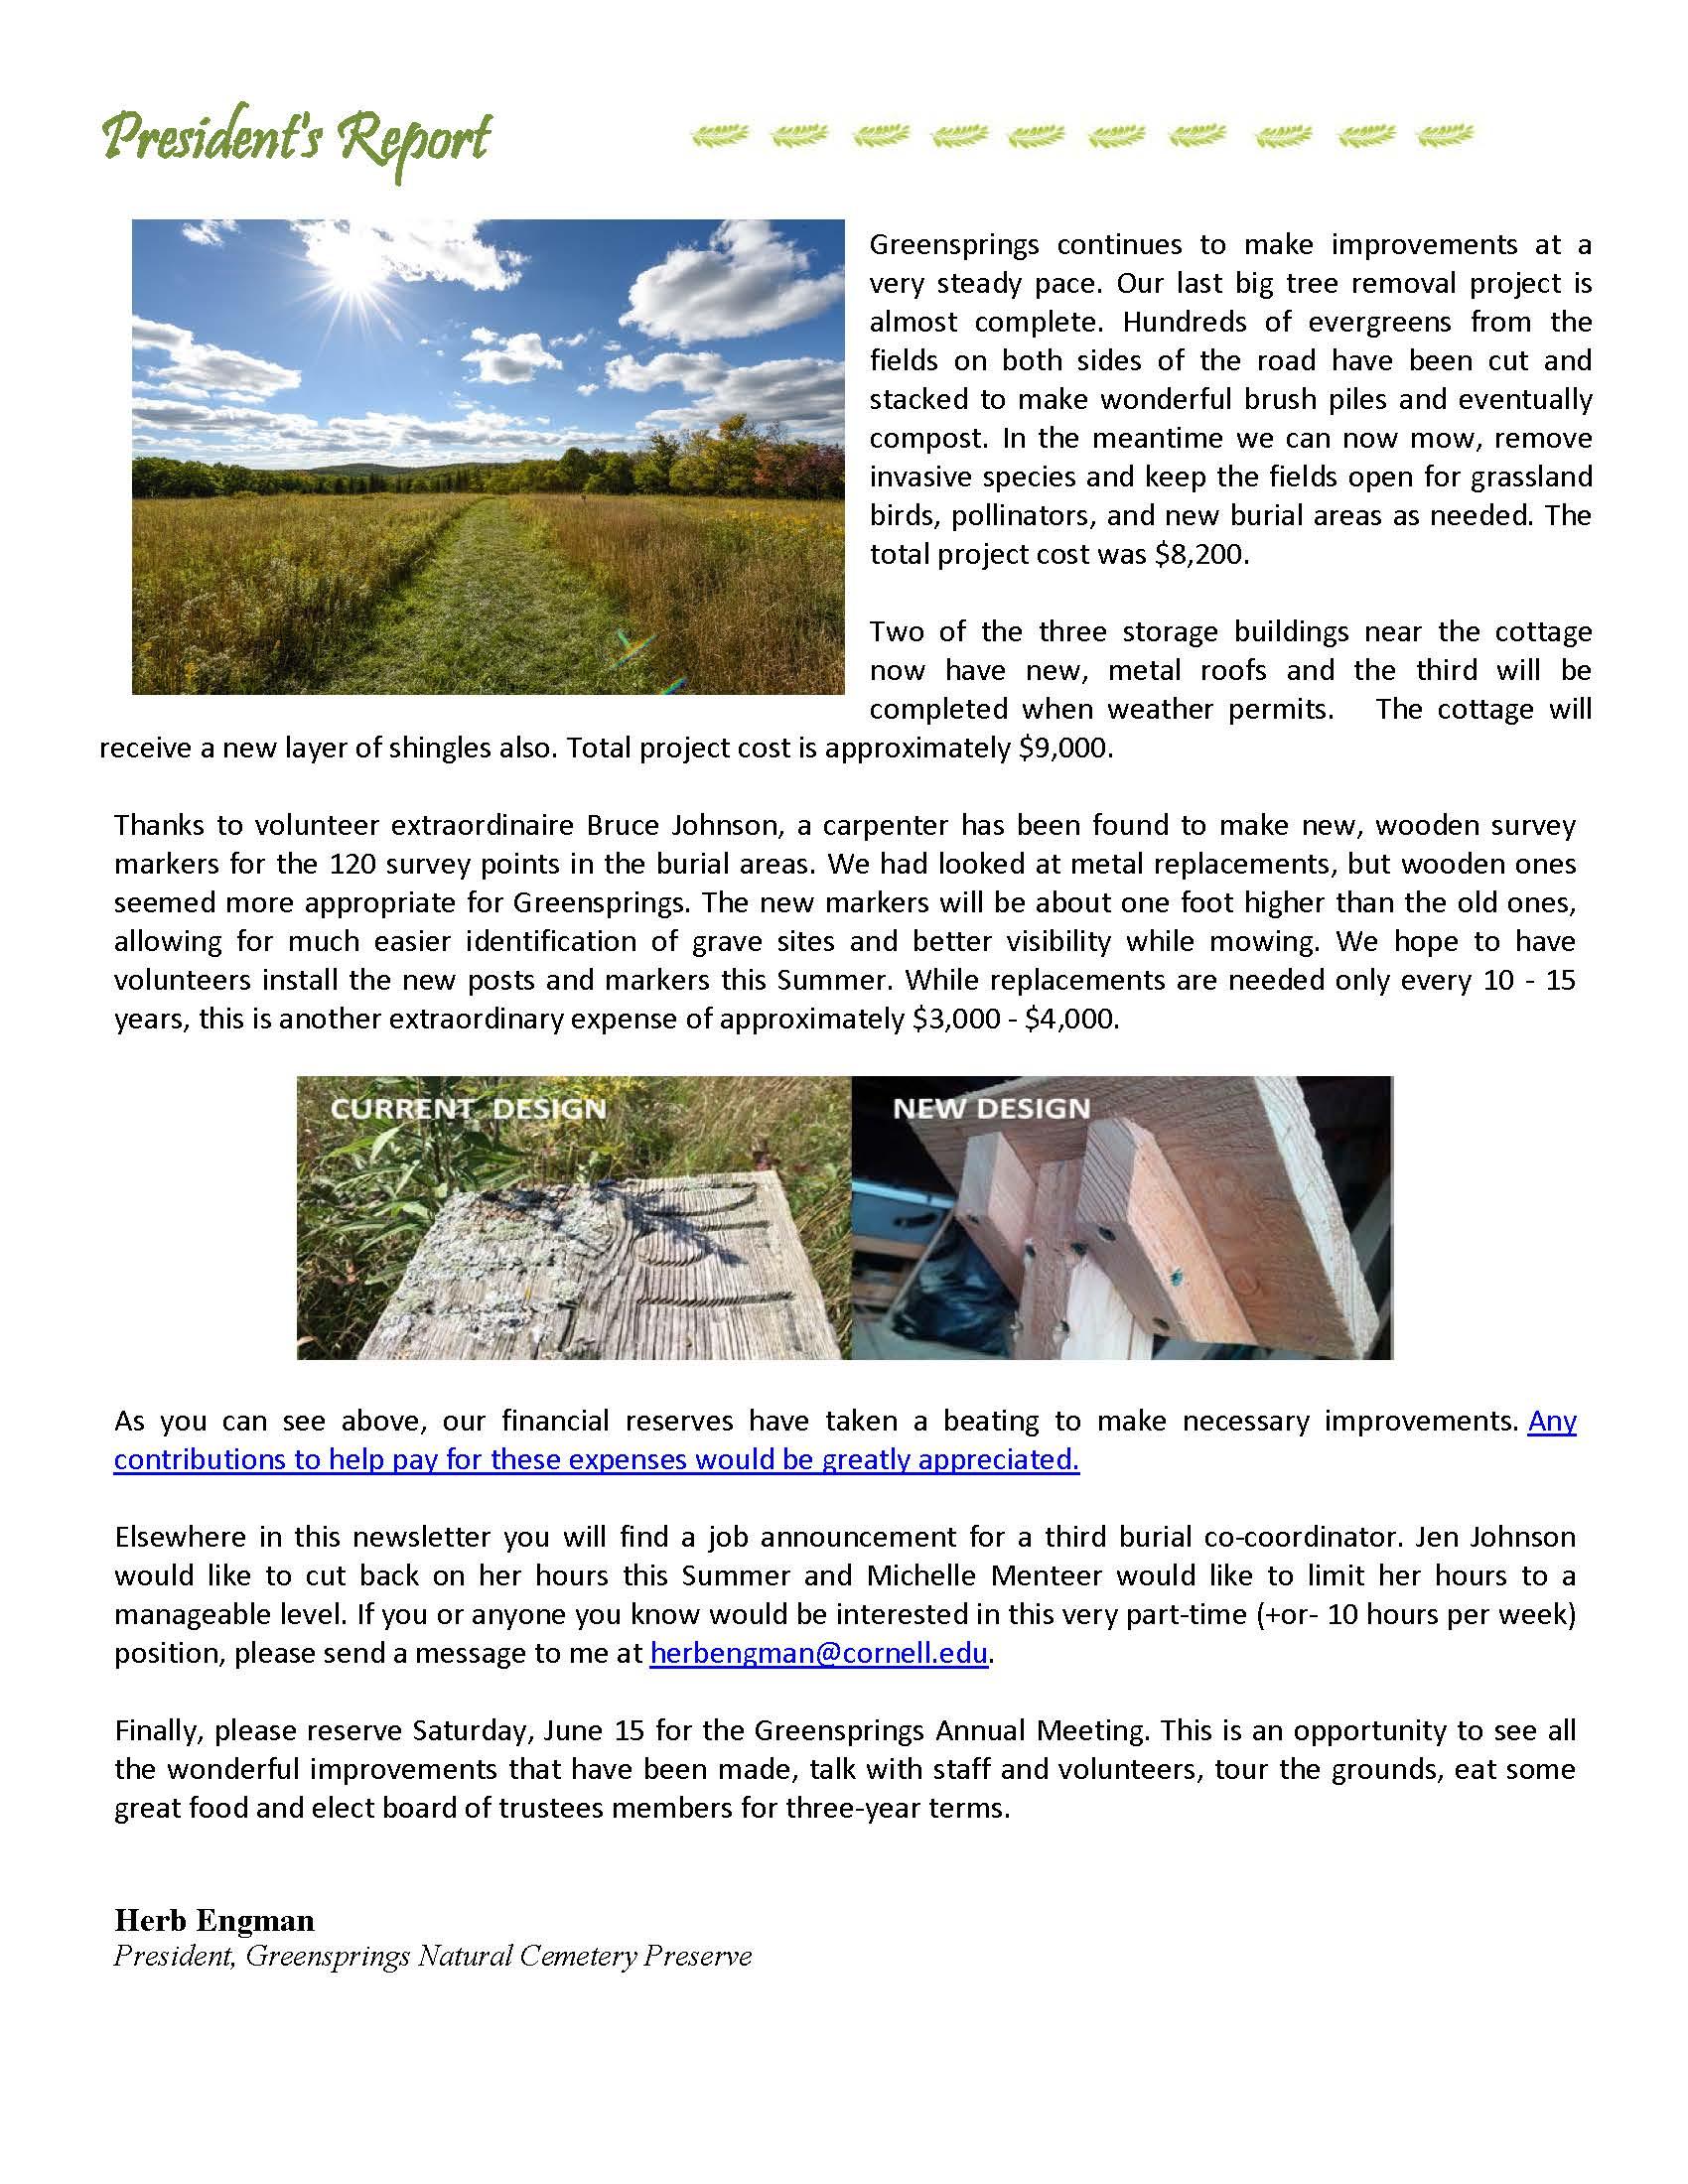 Greensprings Spring 2019 Newsletter v2_Page_3.jpg